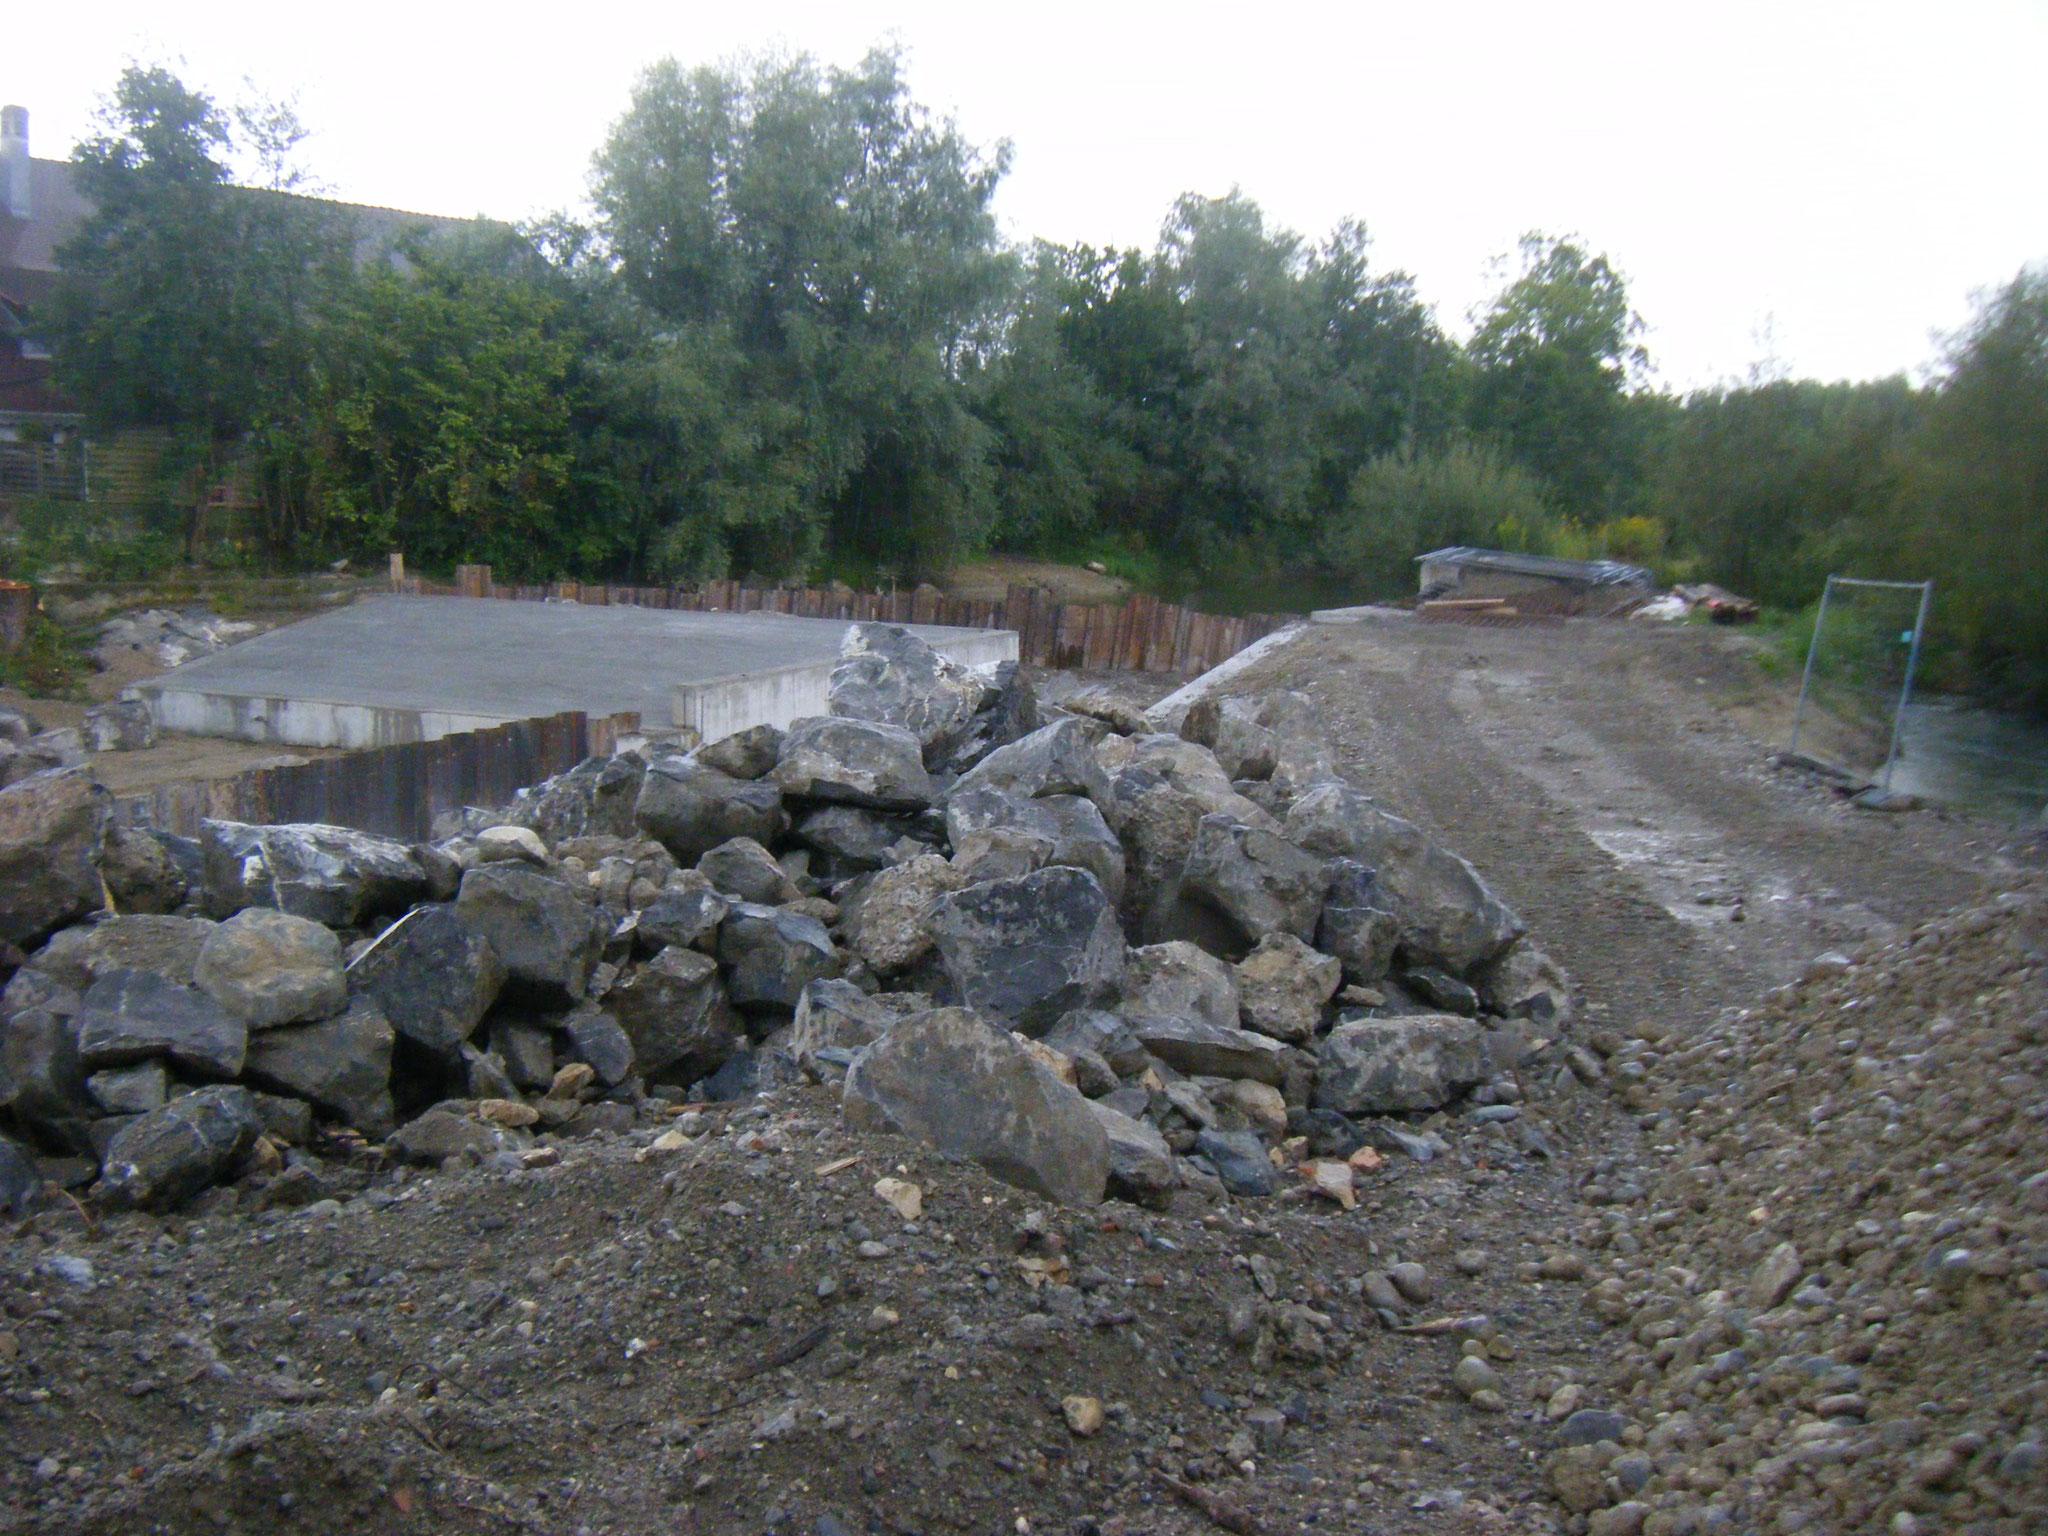 große Steine werden angeliefert, die zuerst die Umleitung des Allmannsweiler Baches sichern und später für die Raue Rampe vorgesehen sind